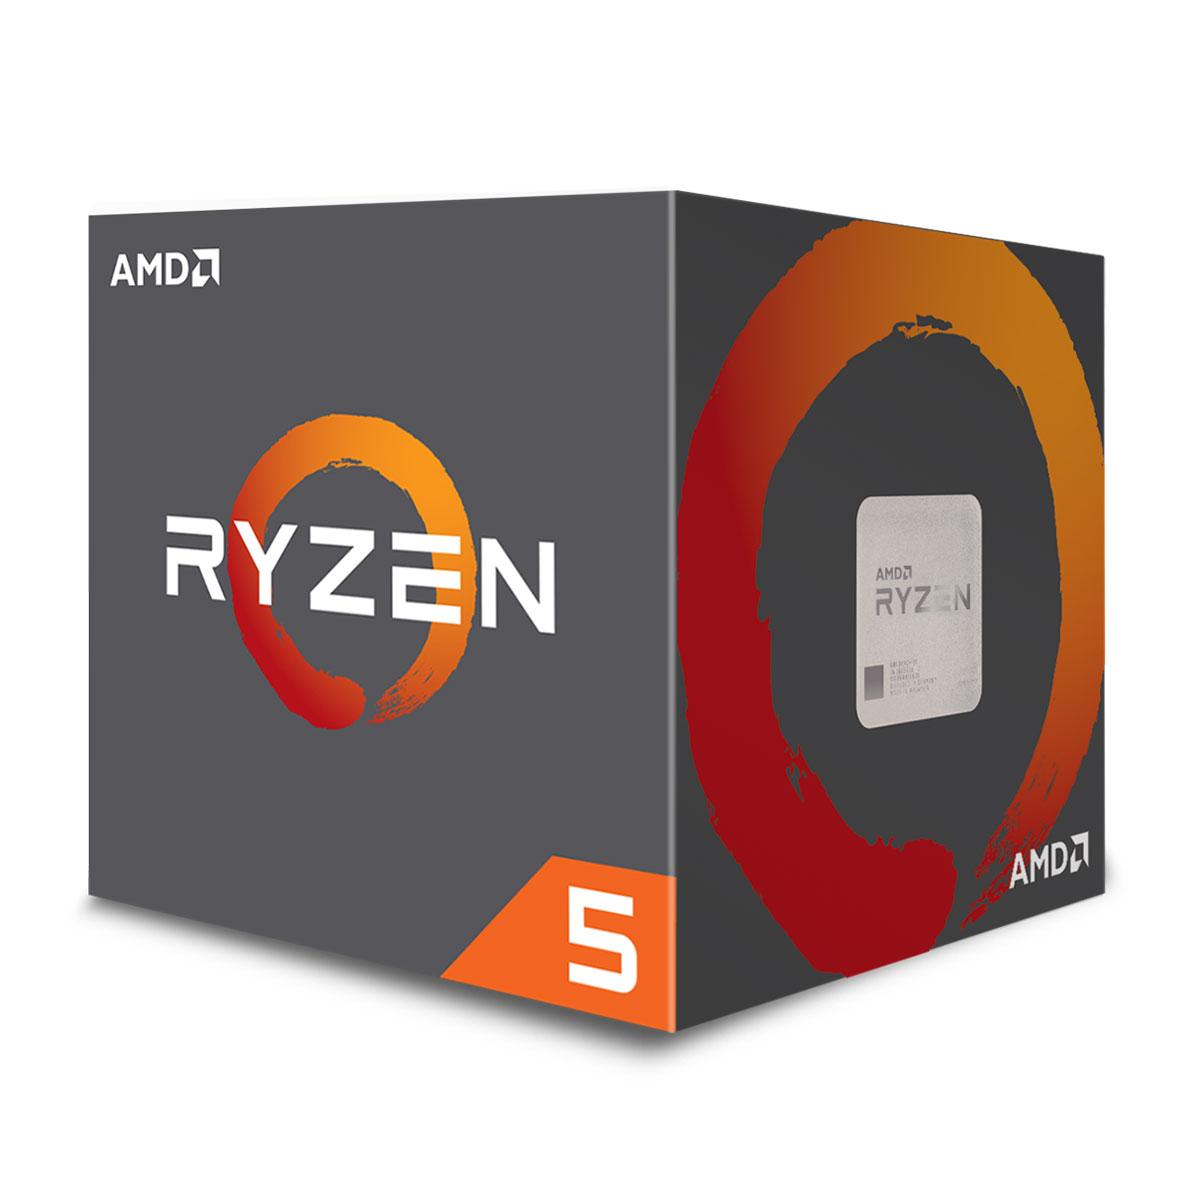 Processeur AMD Ryzen 5 1500X - 3.5 GHz édition Wraith Spire + Quake Champions (dématérialisé)